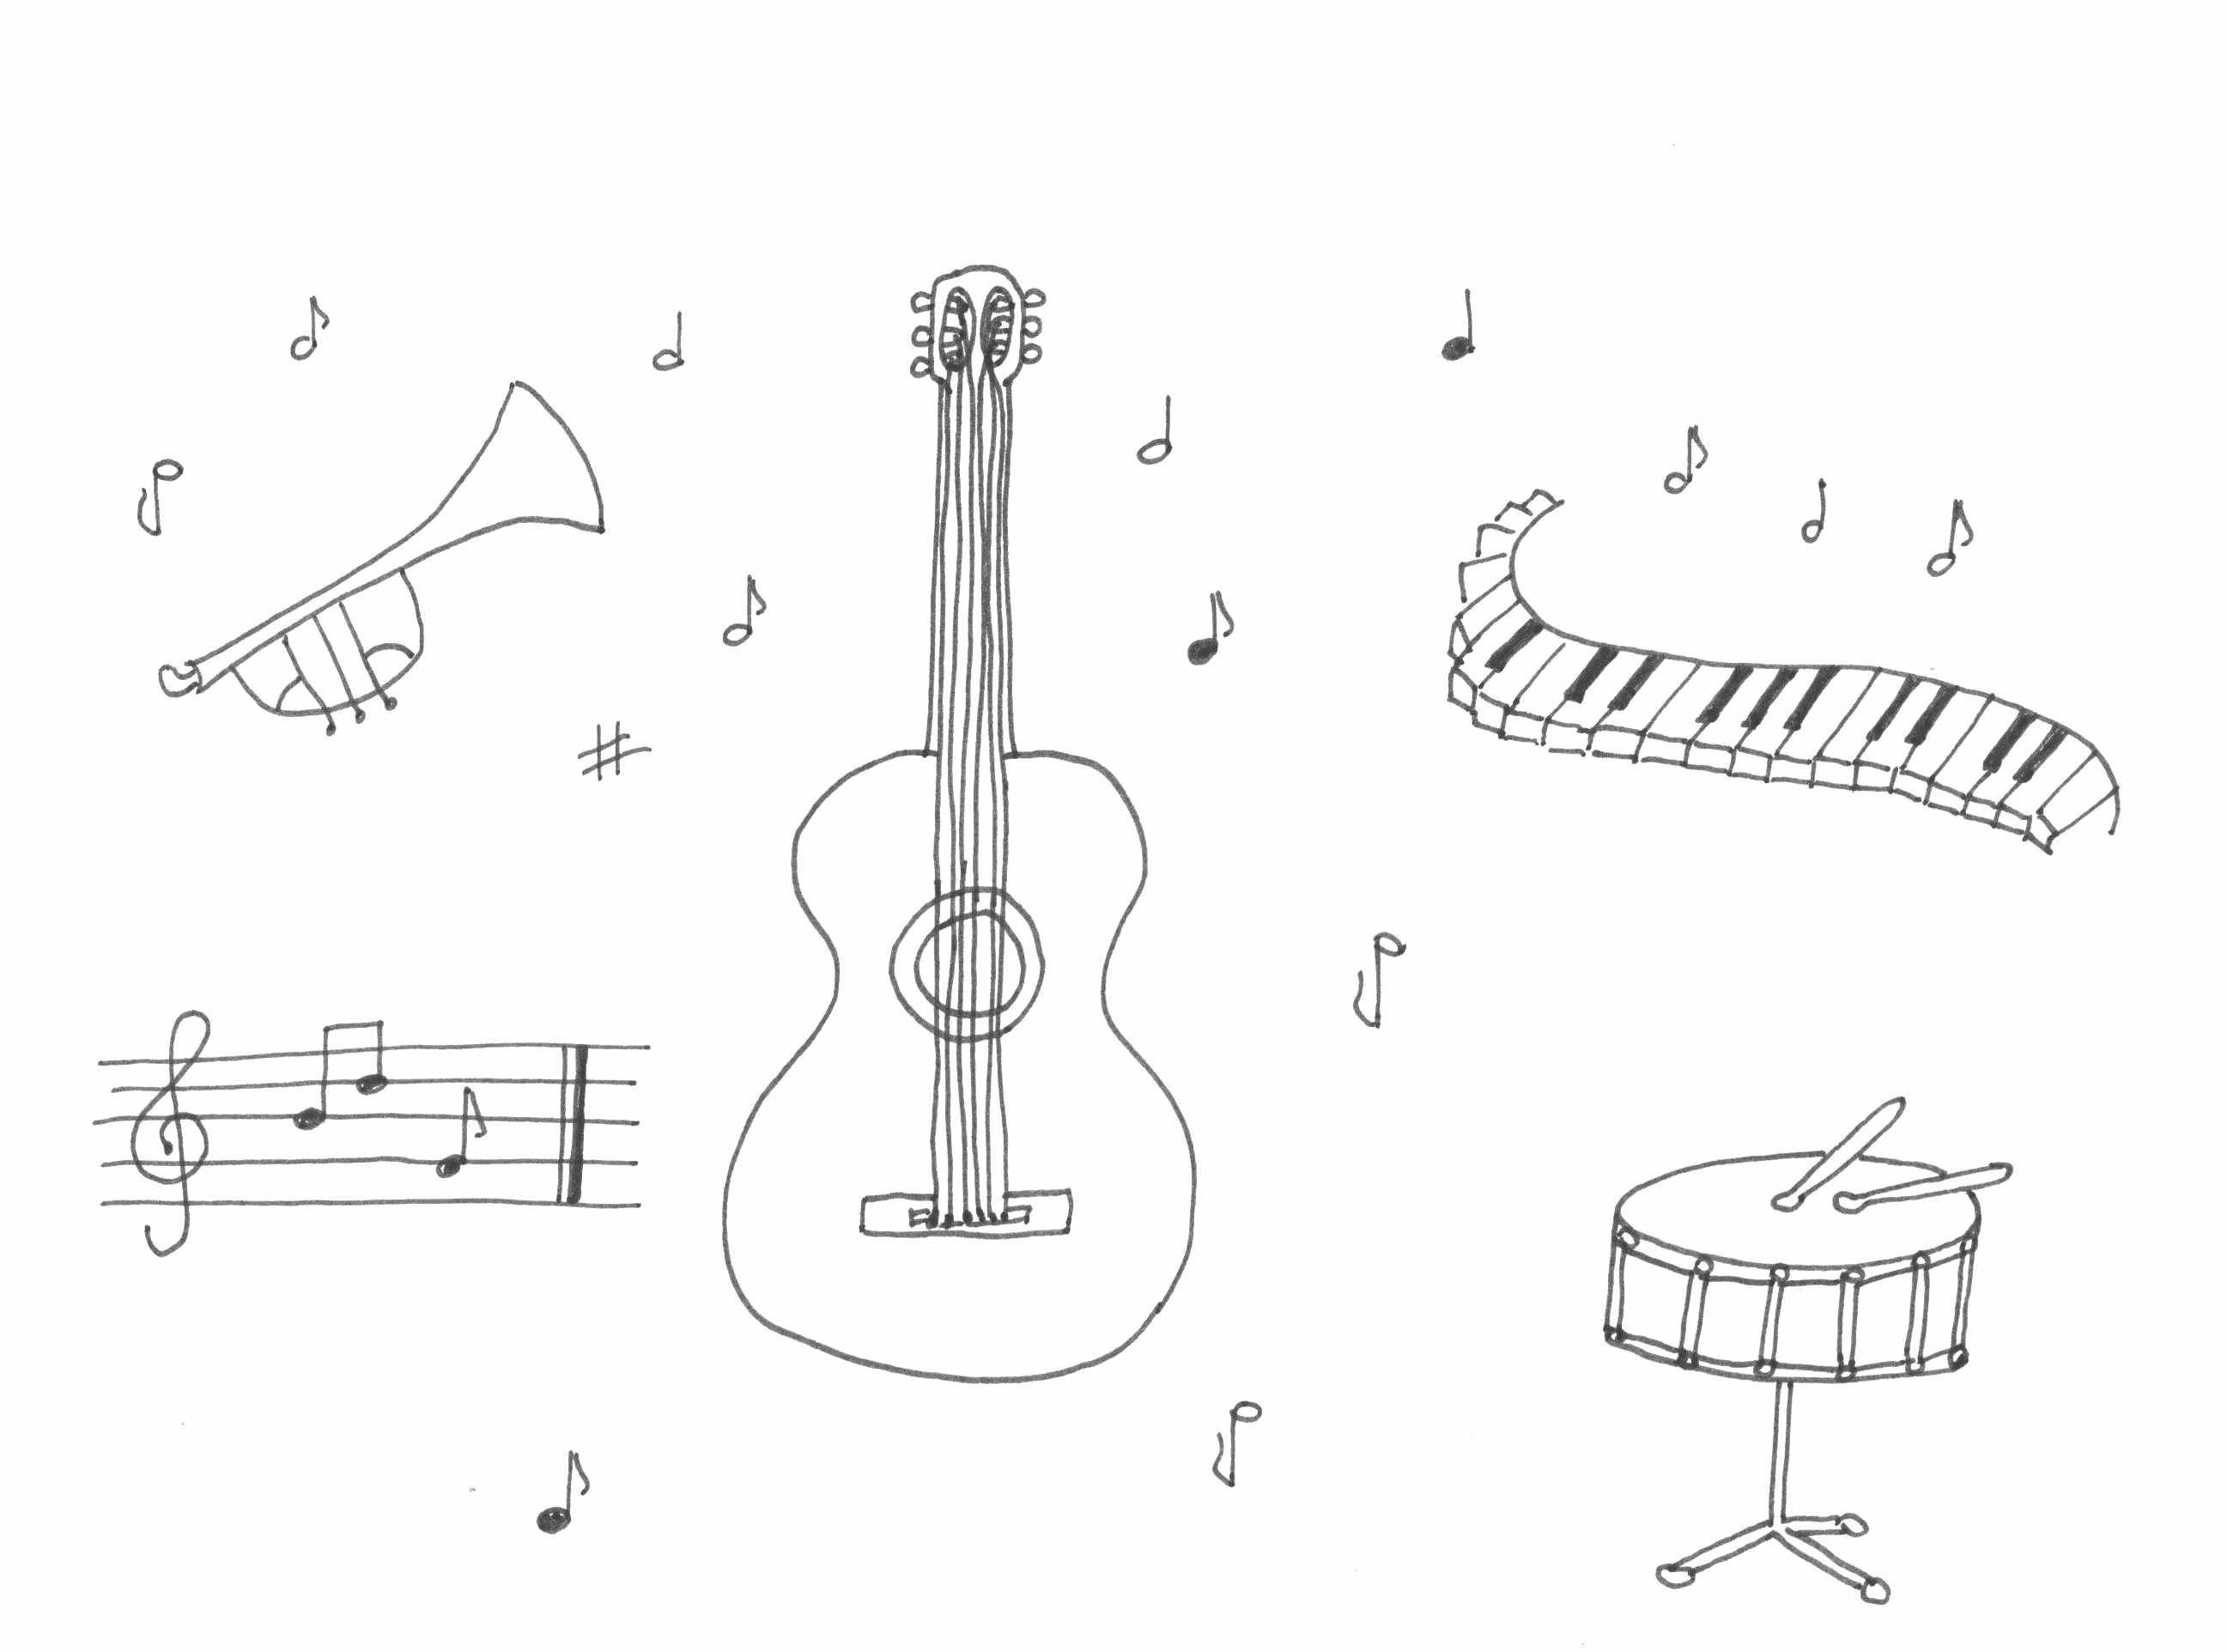 hangszerek rajz drawing musical instrument coloring page